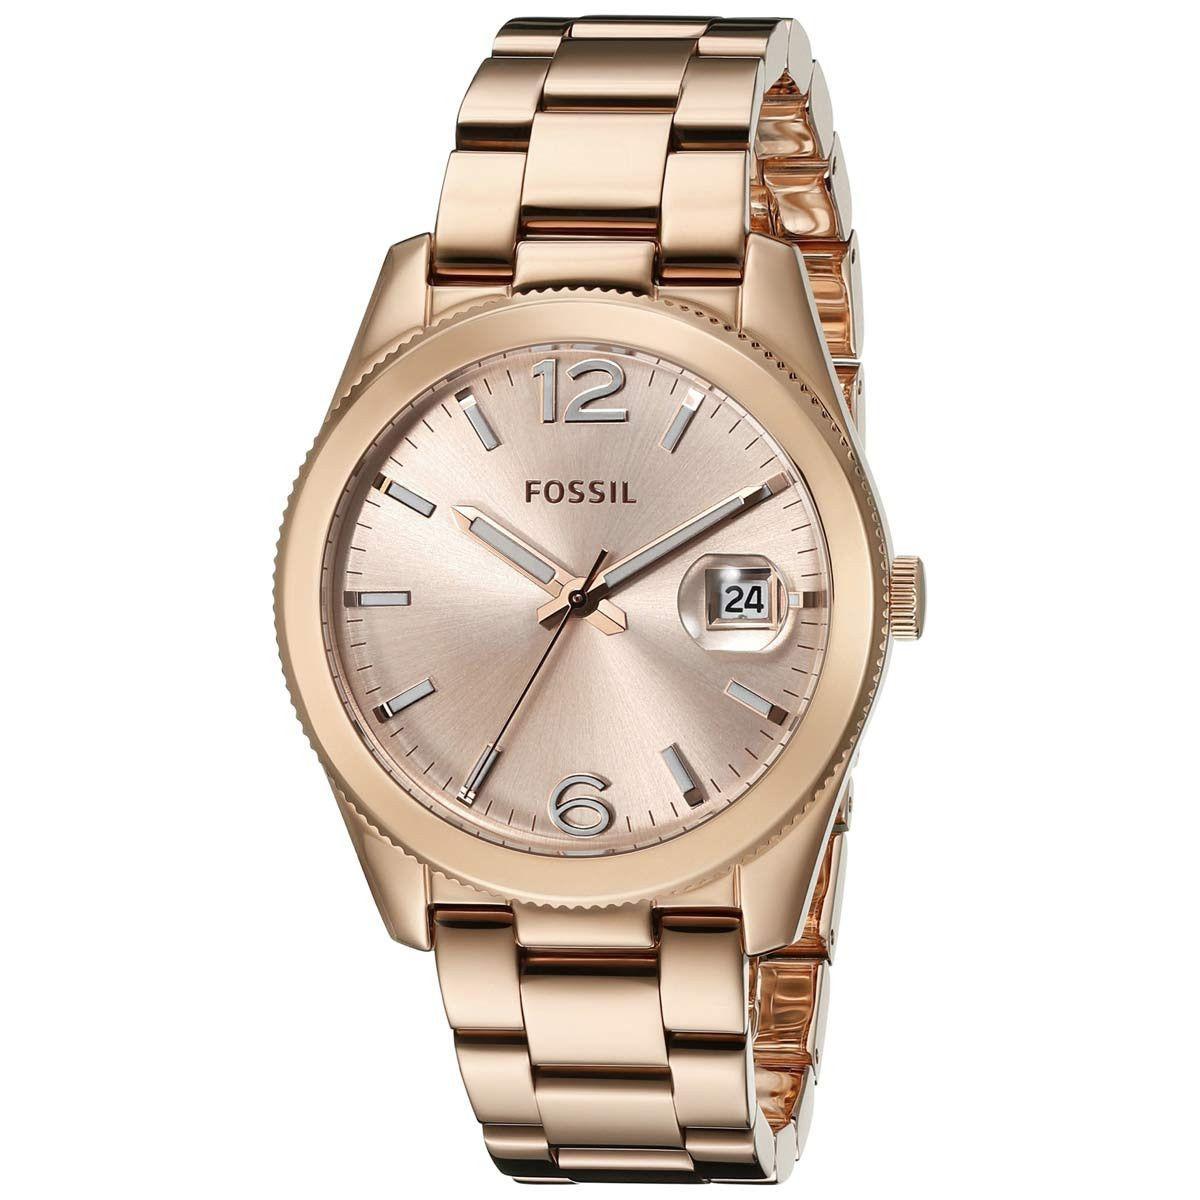 effaa2623171 Fossil ES3587 Women s Perfect Boyfriend Rose Gold Dial Rose Gold Steel  Bracelet Watch